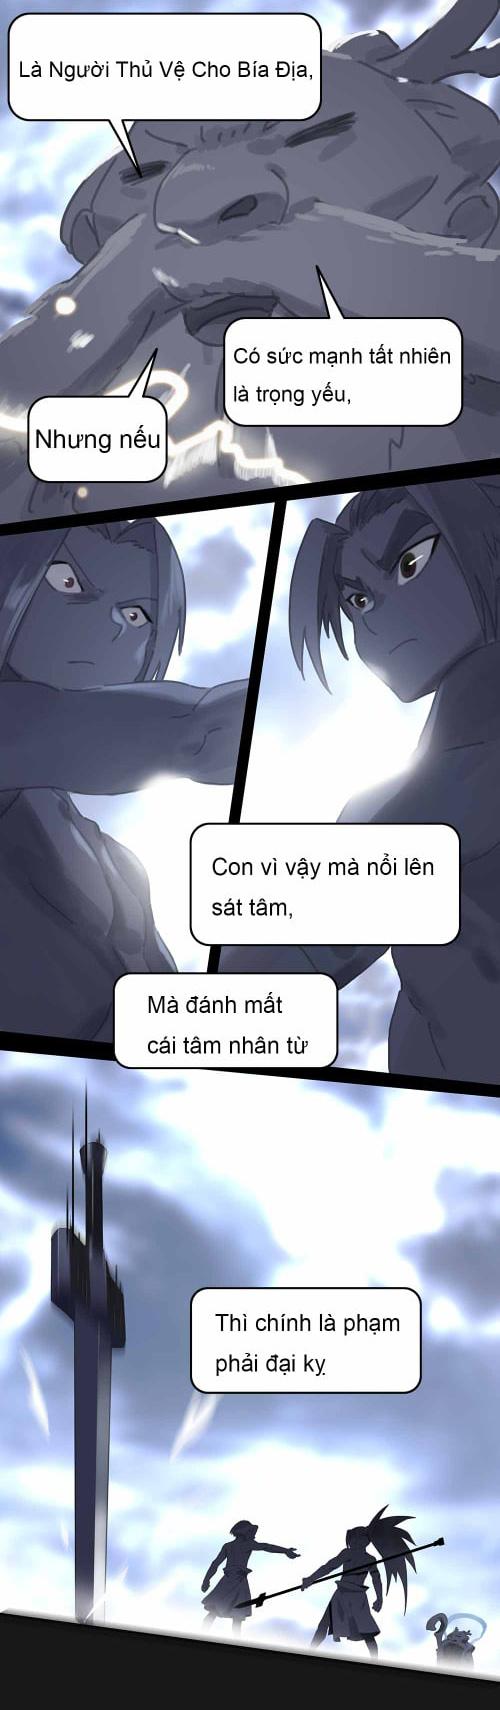 Bi su Vung Bi Dia Rong Than #2: Tam ma - Trang 15